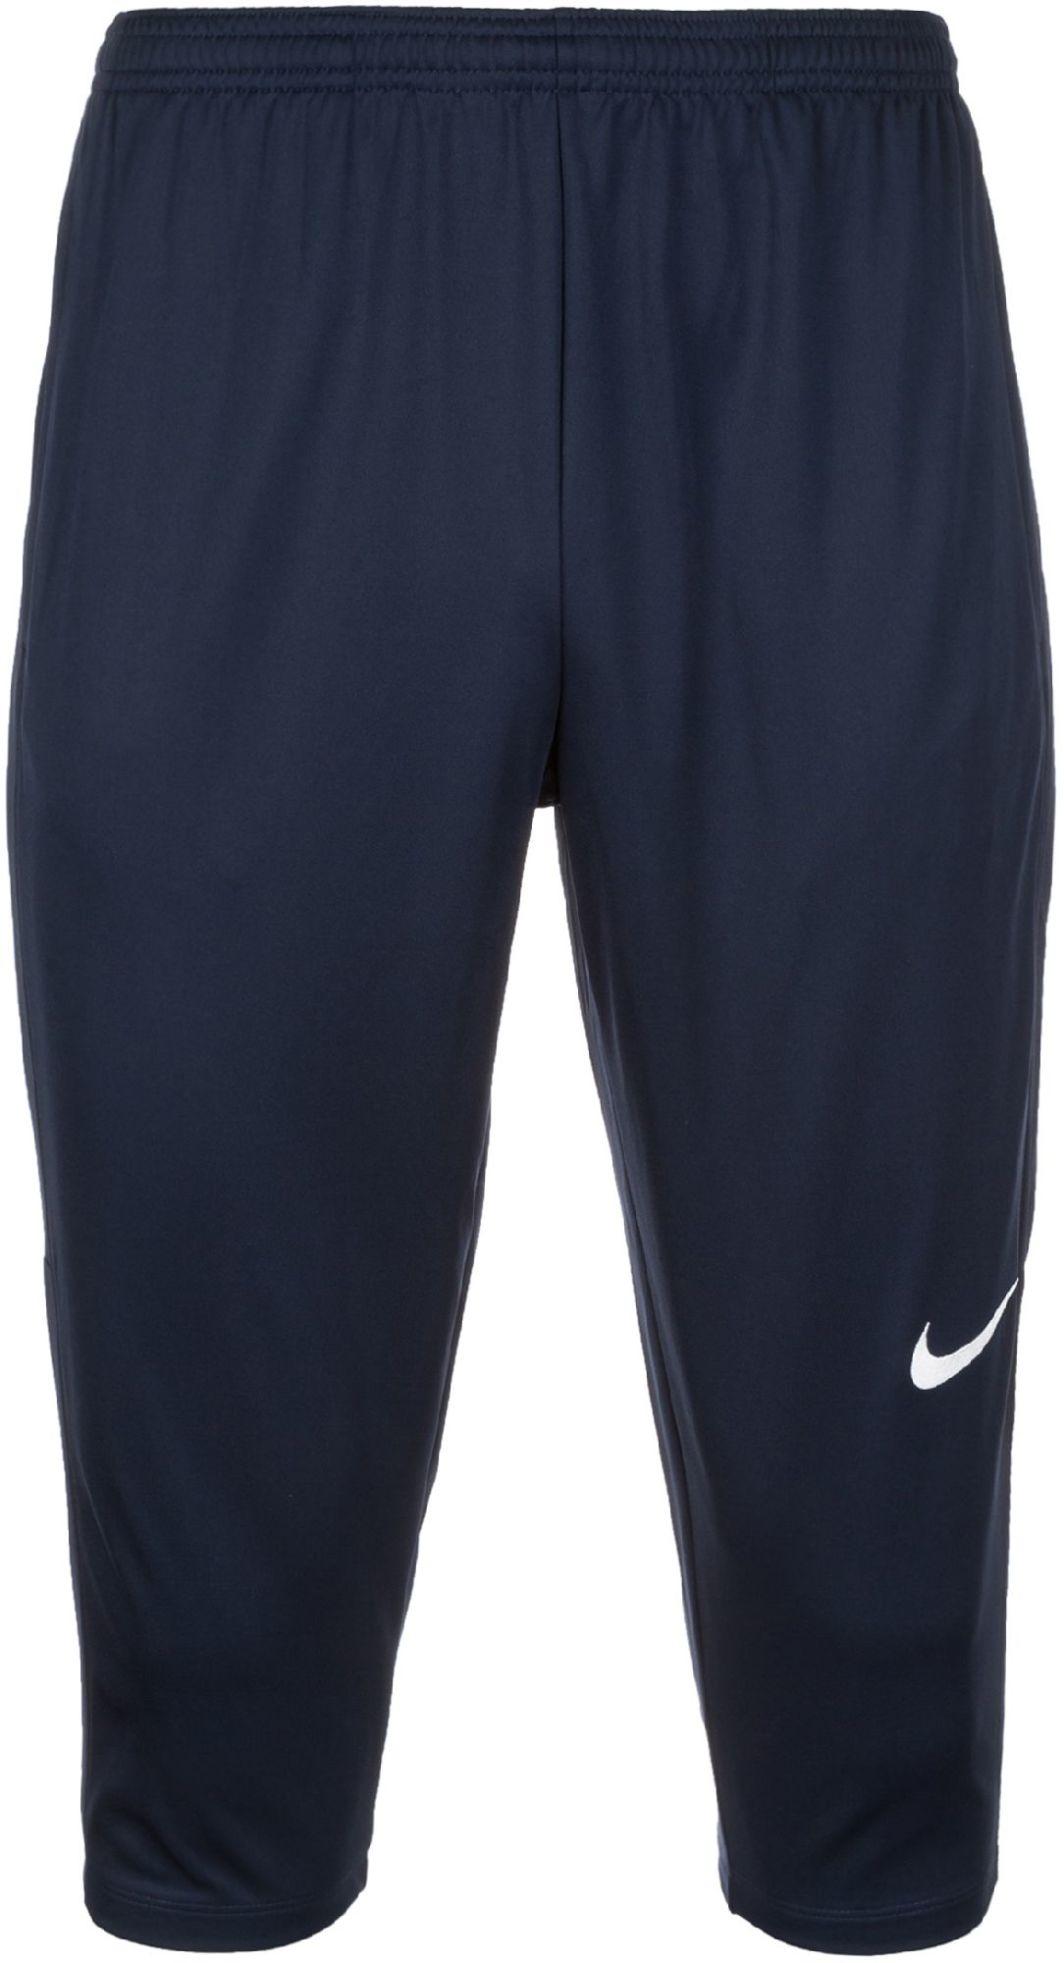 Spodnie męskie Nike Dry Academy 18 34 Tech Pant granatowe 893793 451